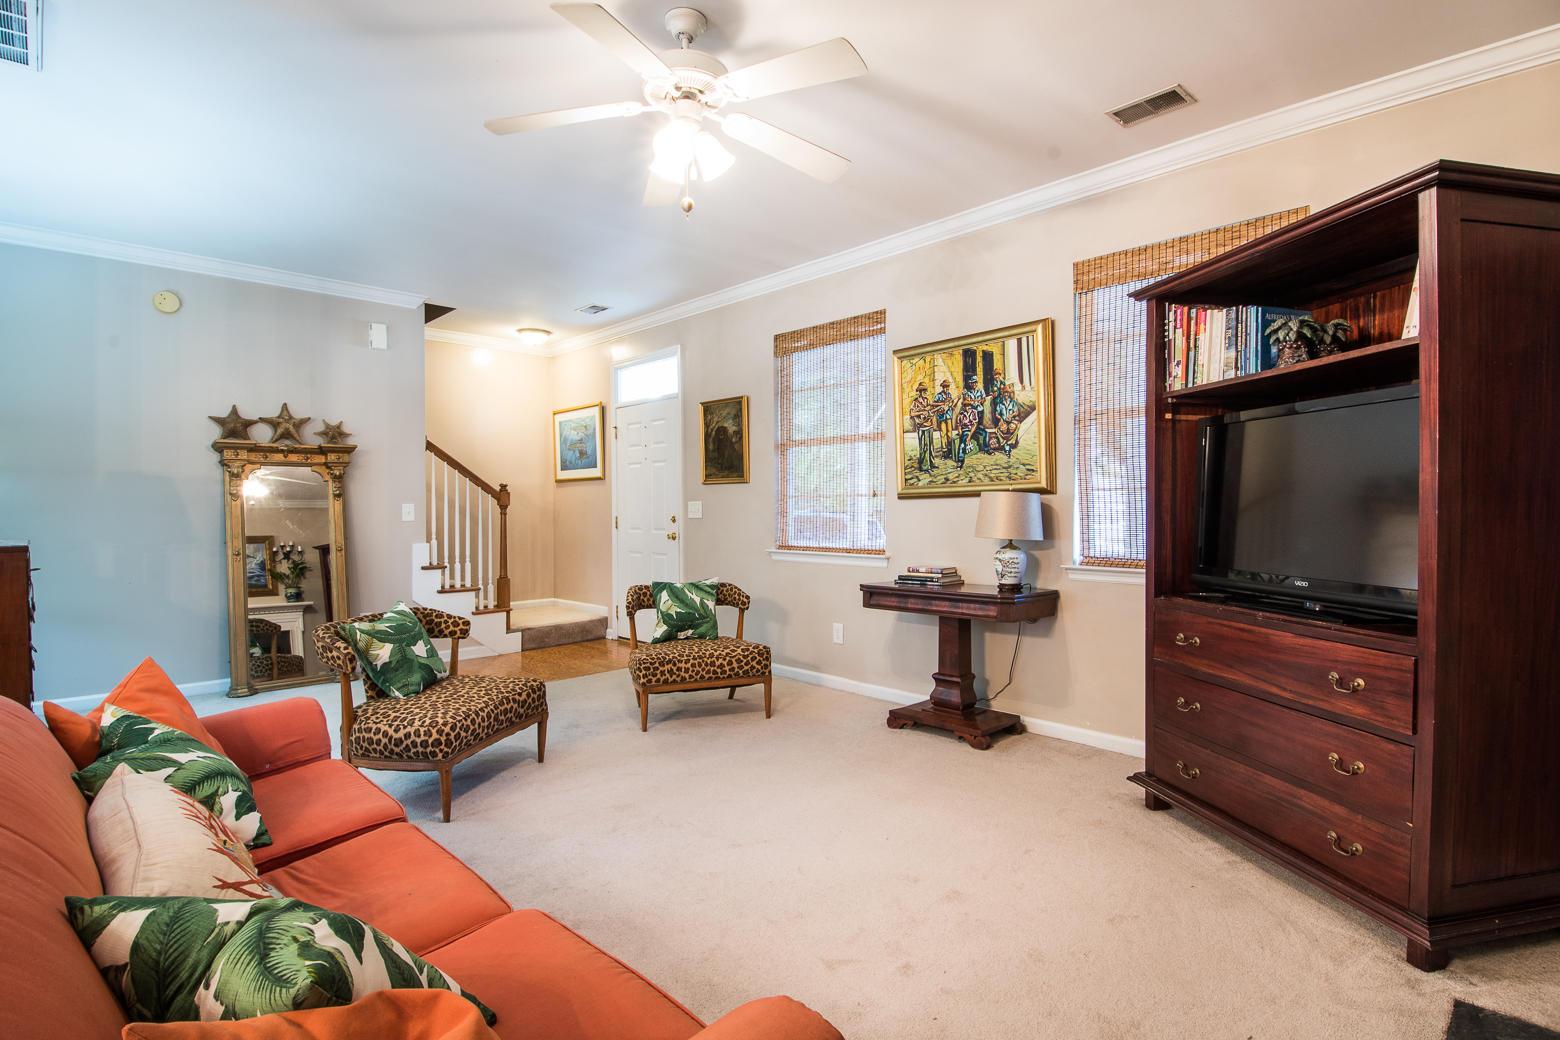 Jamestowne Village Homes For Sale - 1445 Swamp Fox, Charleston, SC - 6